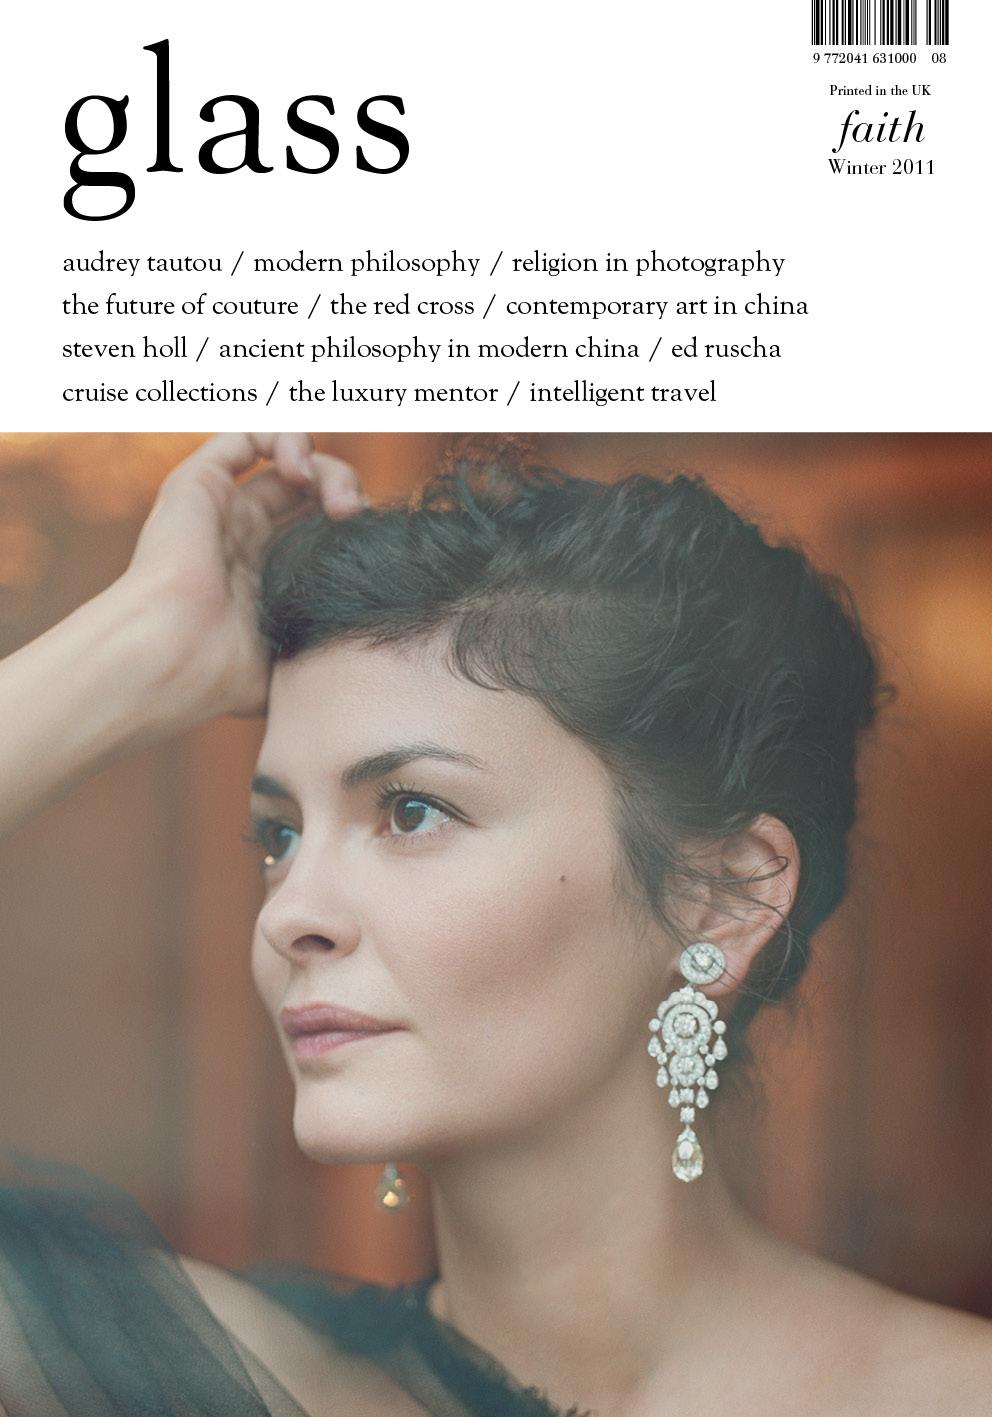 Glass+Magazine+-+Issue+8+-+Faith+-+.jpg